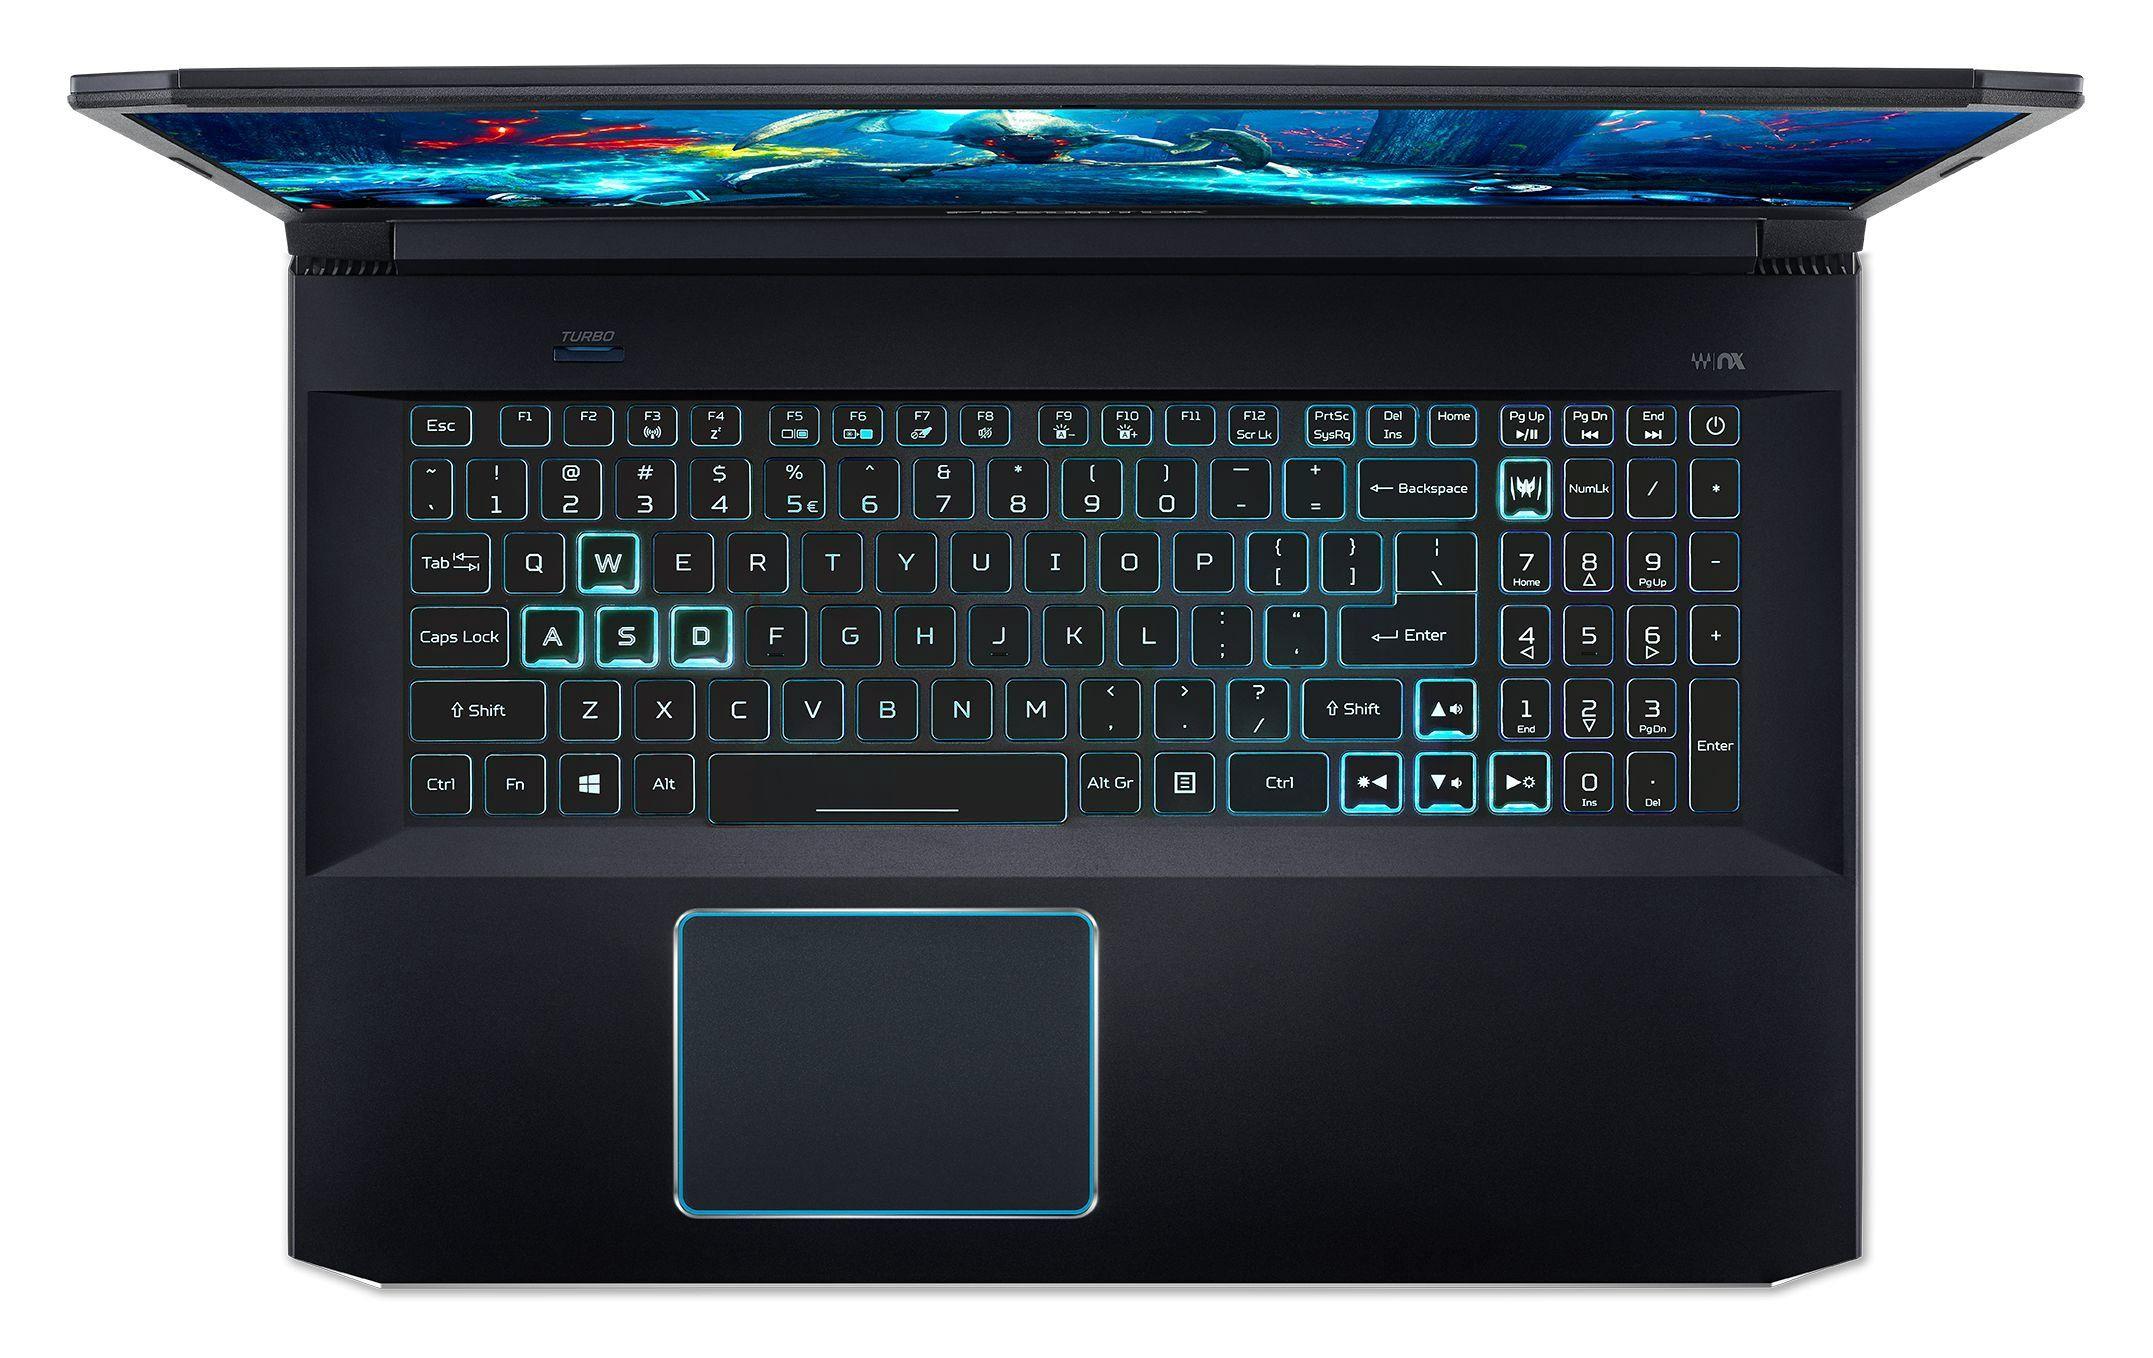 Лаптоп Acer Predator Helios 300 - PH317-53-768V, черен - 2